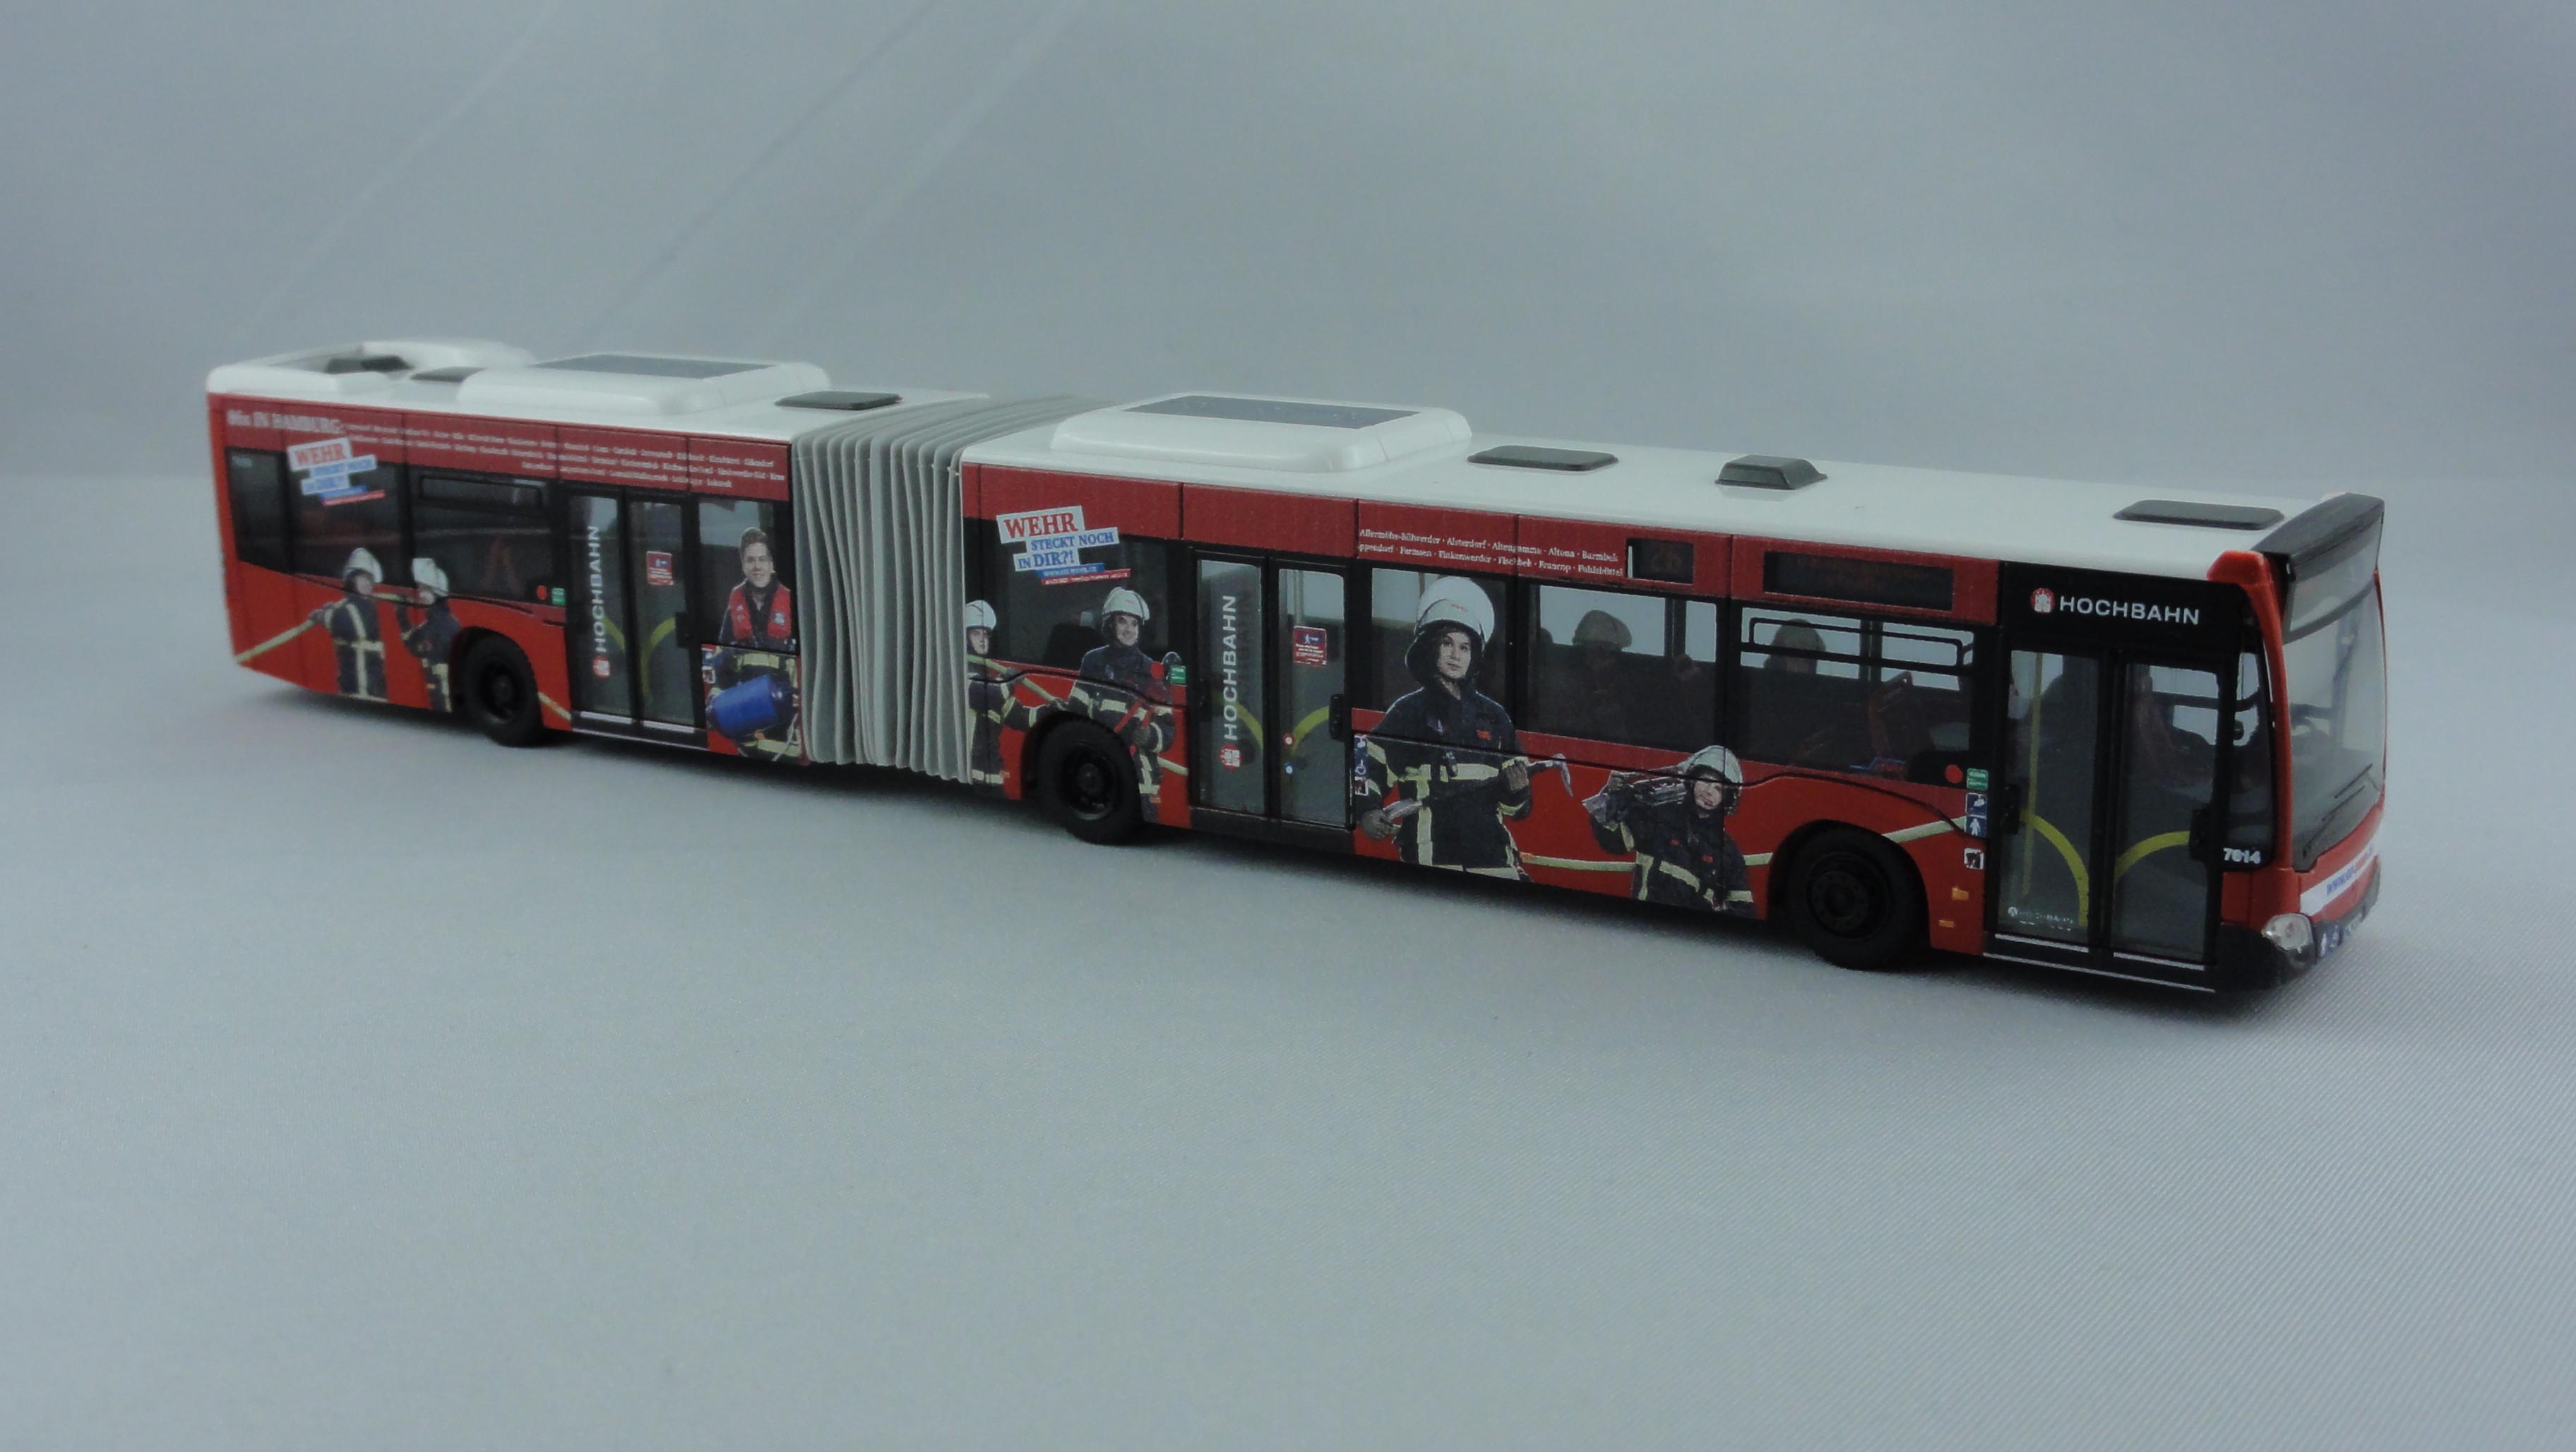 Rietze MB Citaro G15 Hamburger Hochbahn mit Feuerwehr Hamburg Werbung - Wagennummer 7614- Zielanzeige Linie 26